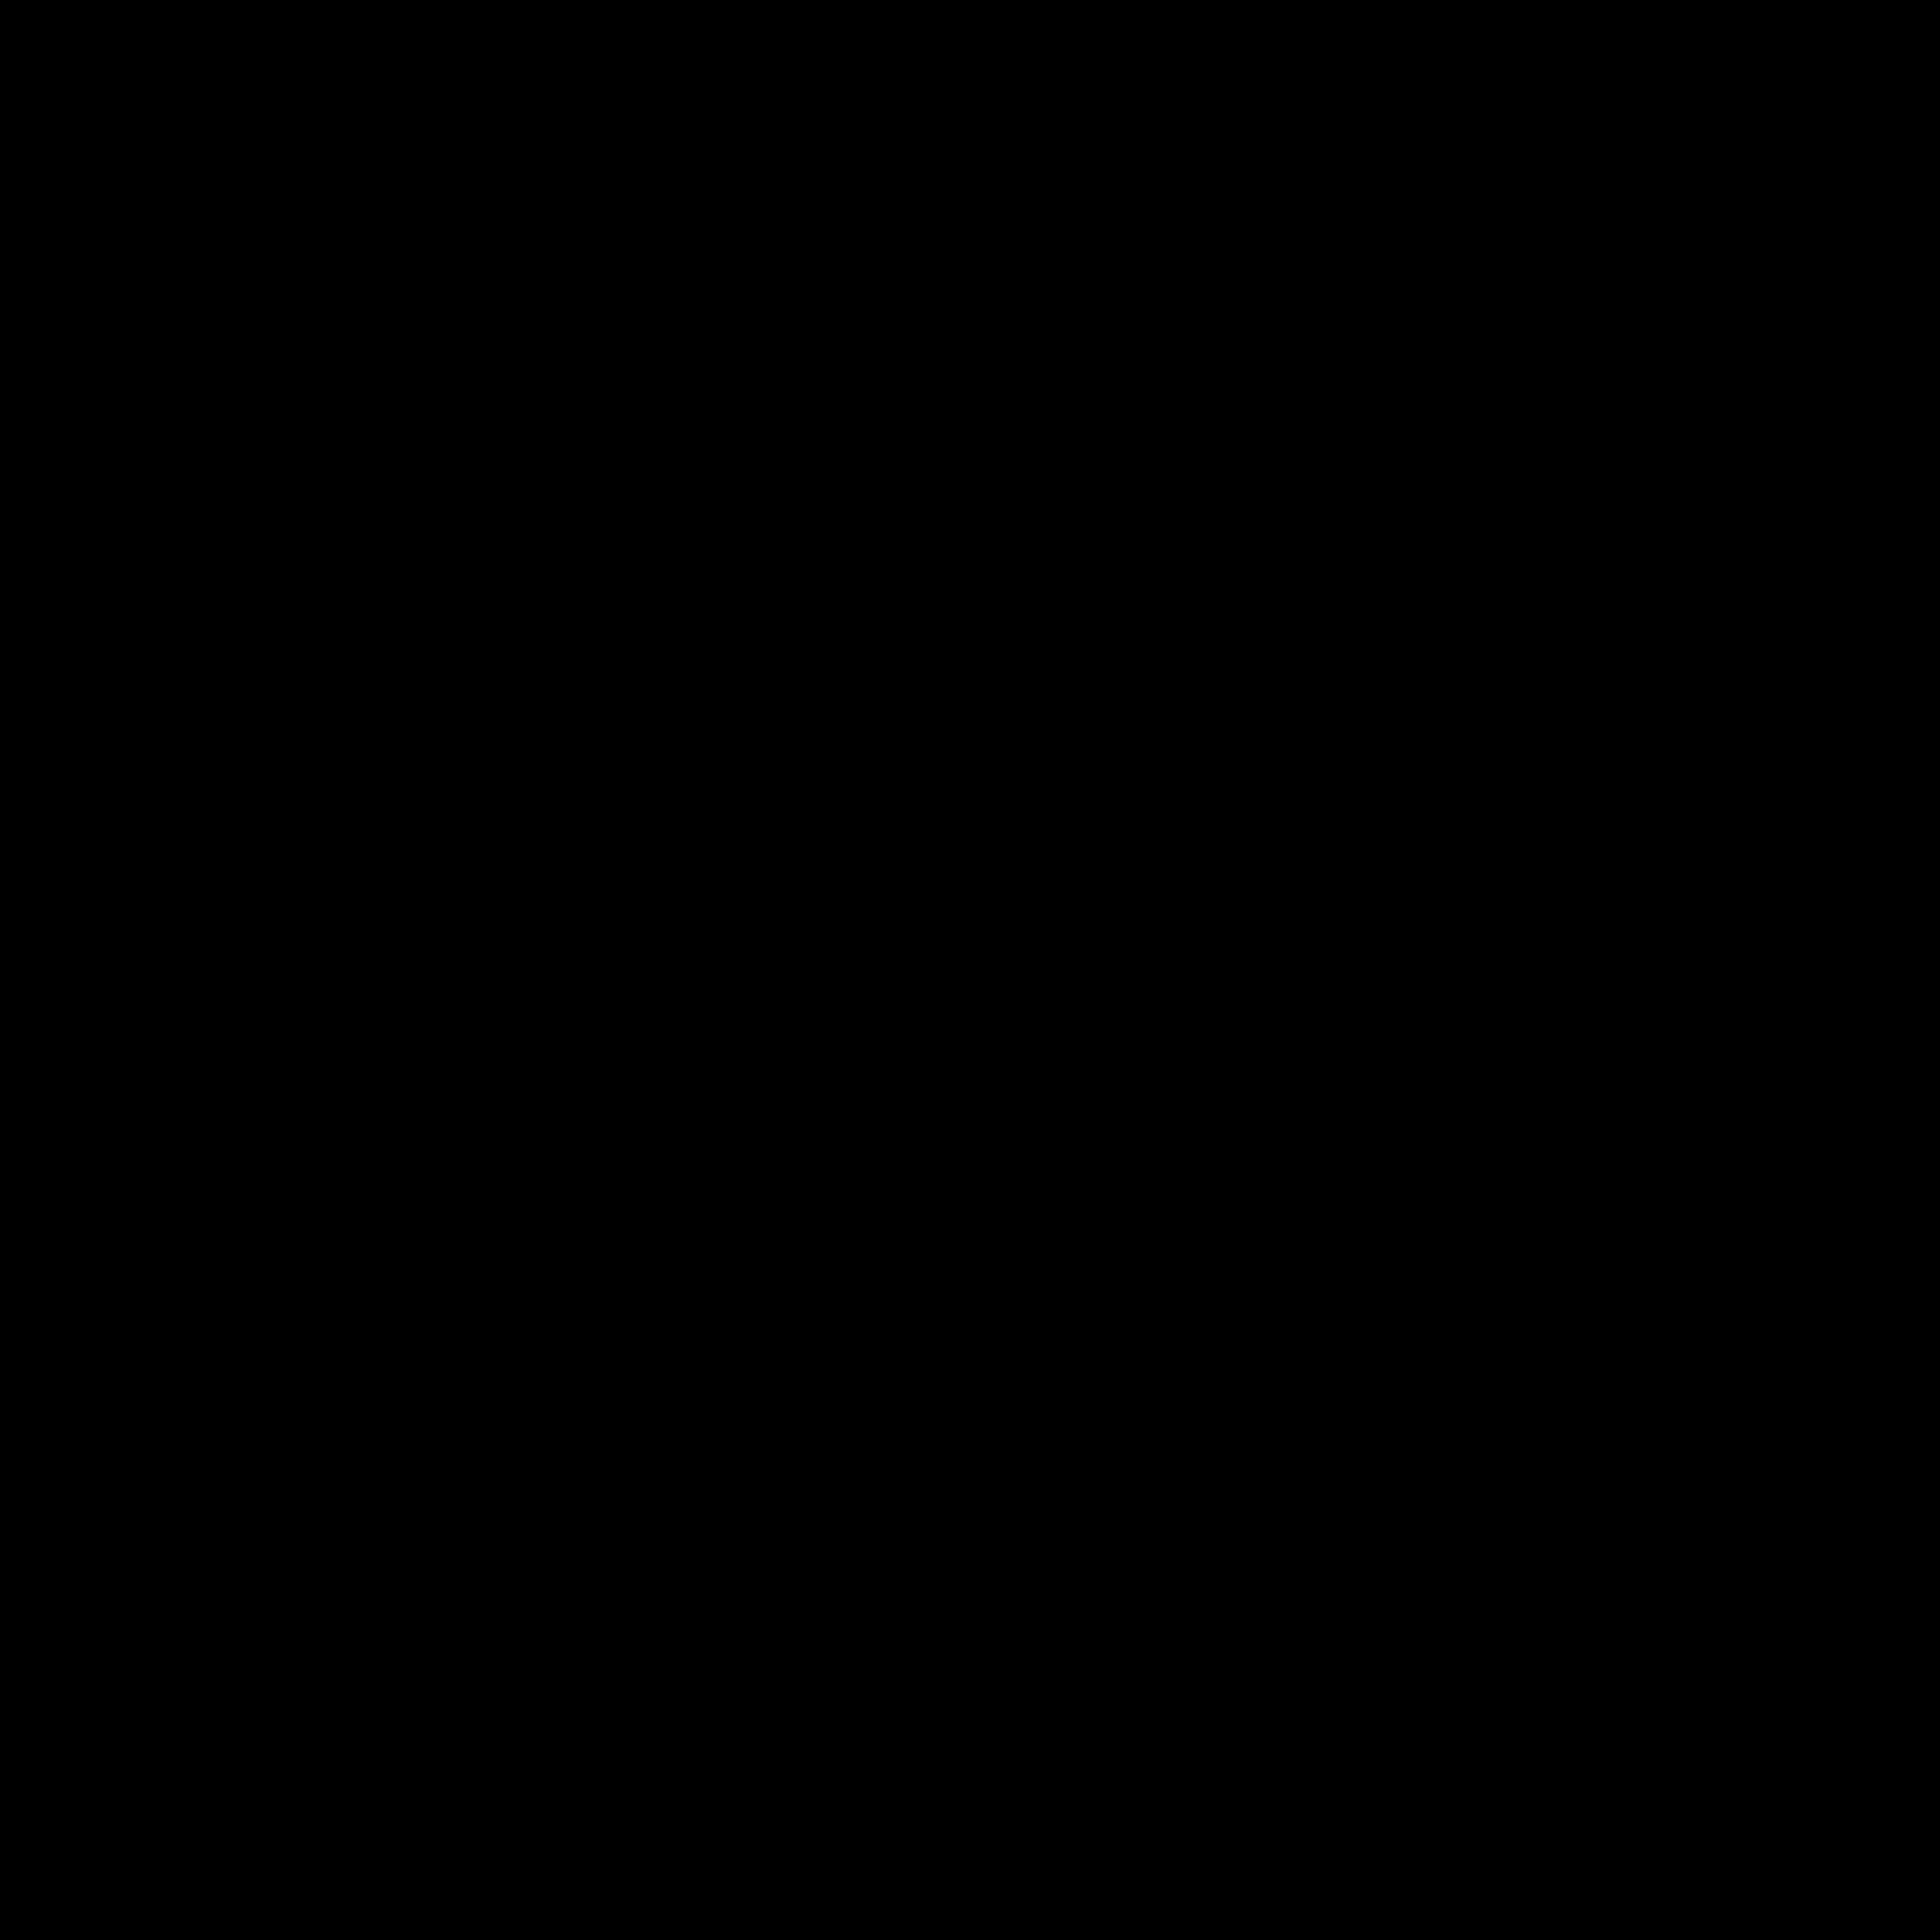 novation-logo-png-transparent.png